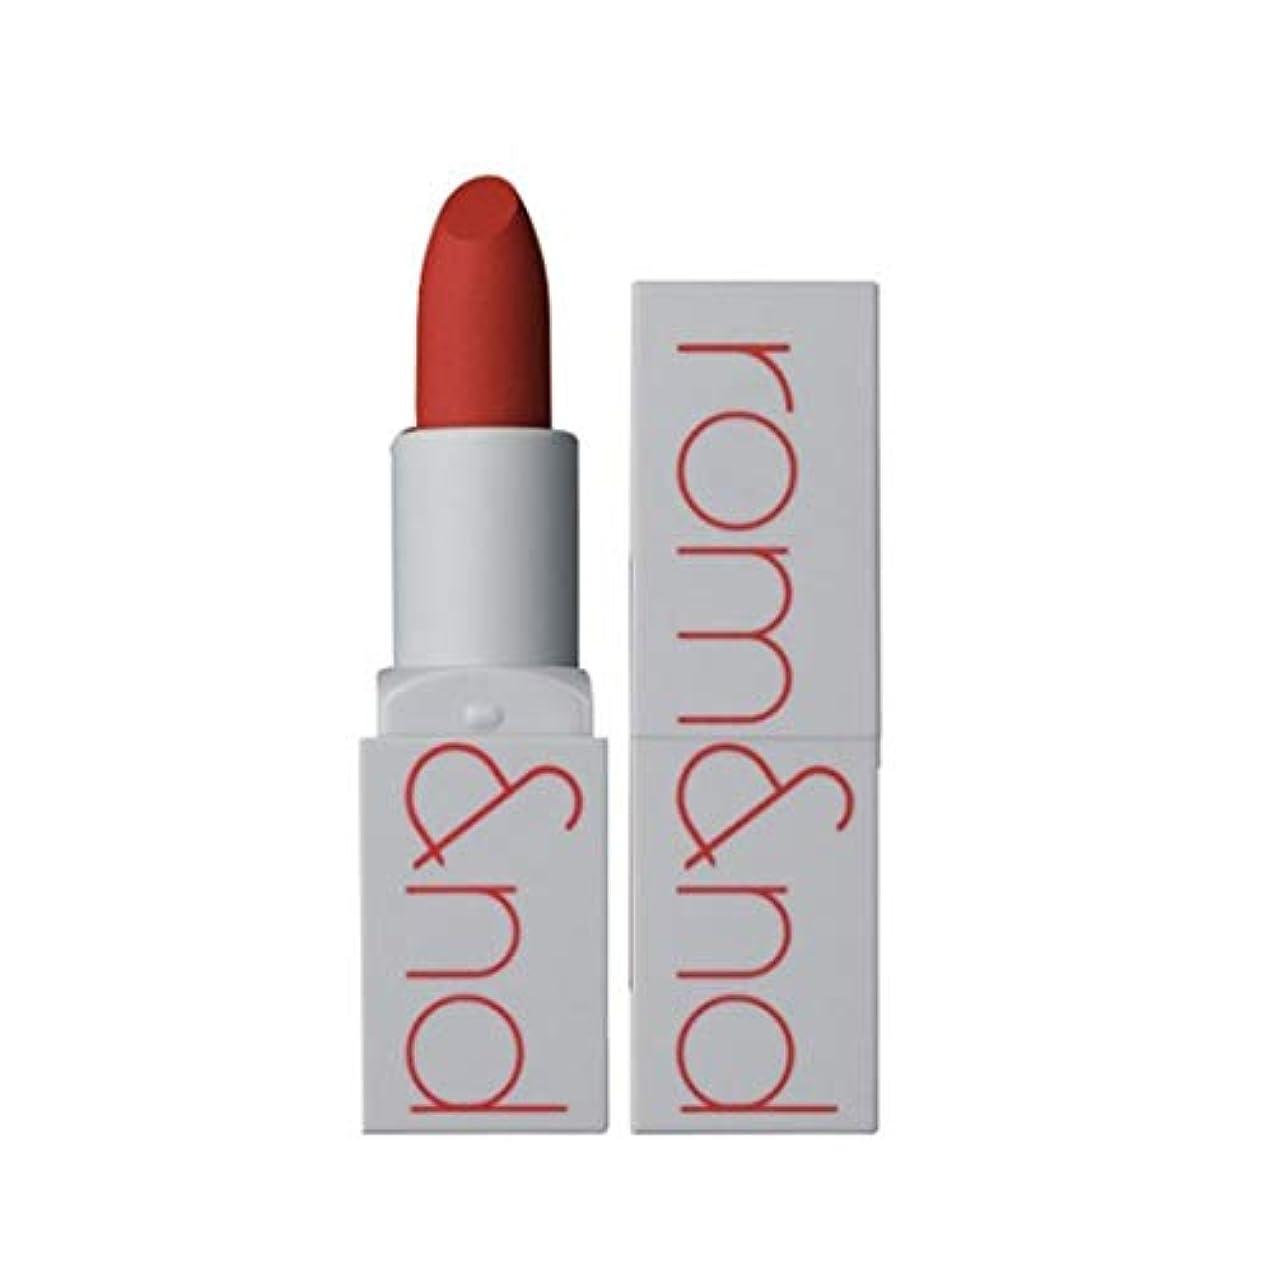 ひいきにするアイスクリーム歌手ローム?アンド?ゼログラムマットリップスティック3.5g 4色、Rom&nd Zero Gram Matte Lipstick 3.5g 4 Colors [並行輸入品] (All That Jazz)